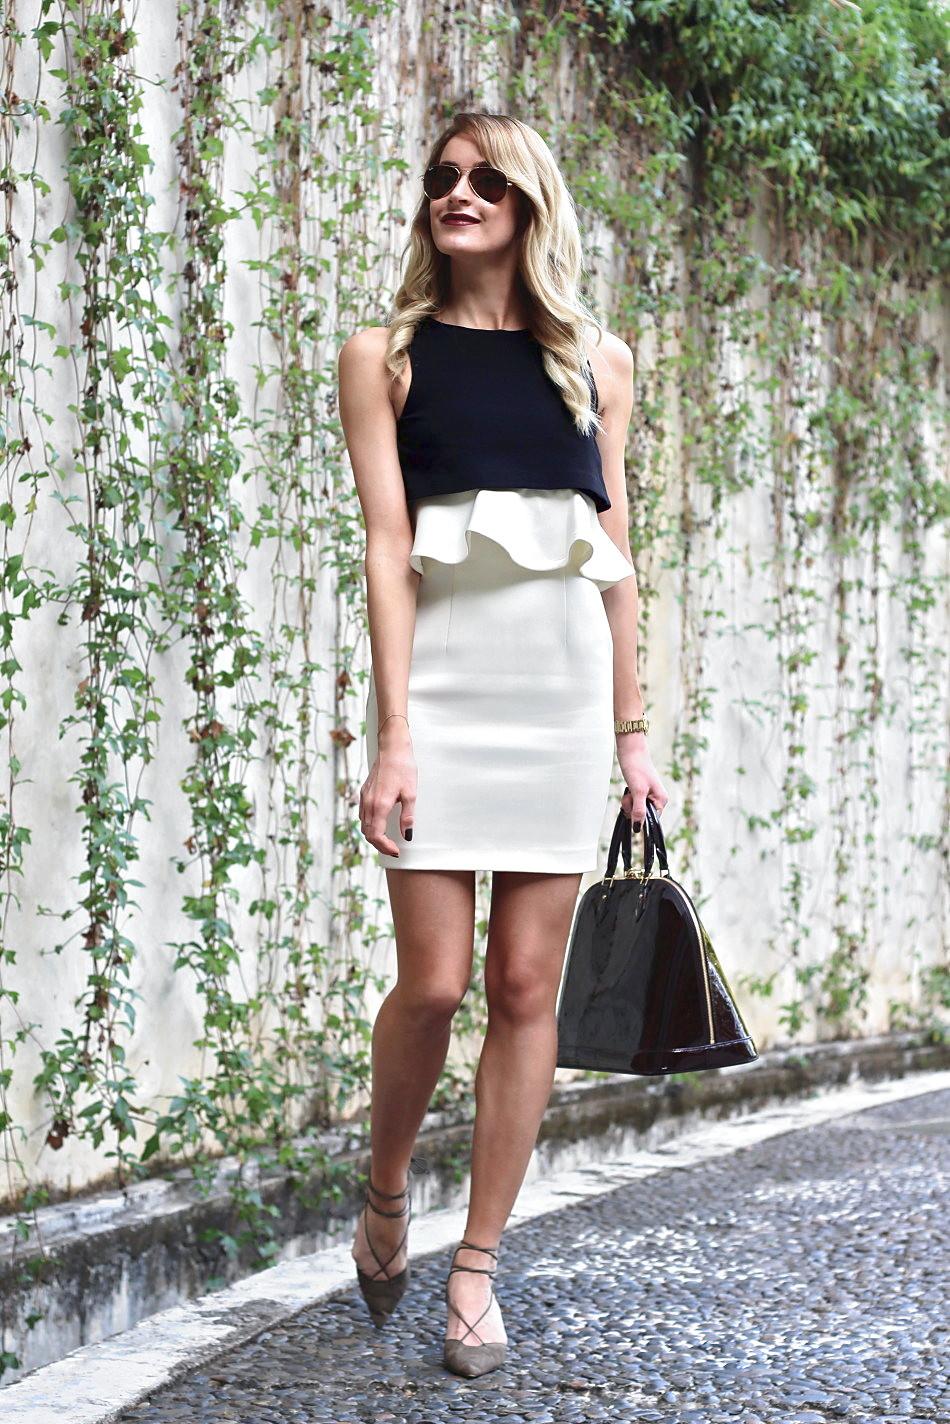 Ruffle dress - Pic 3, small 3.0